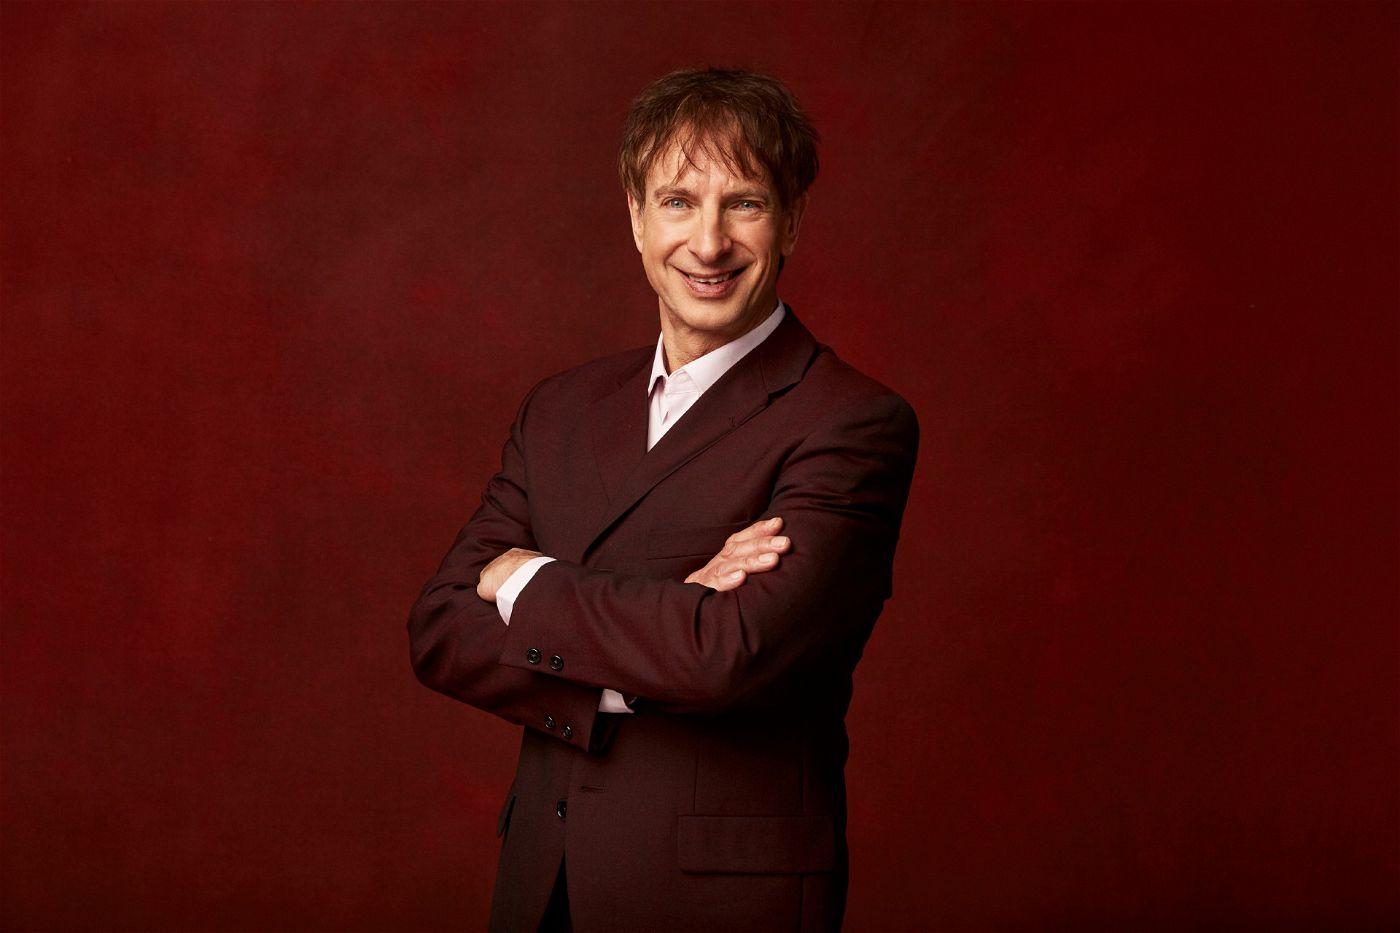 """Mit Ingolf Lück nimmt ein weiterer Bekannter aus der Comedy-Brance an """"Let's Dance"""" teil."""